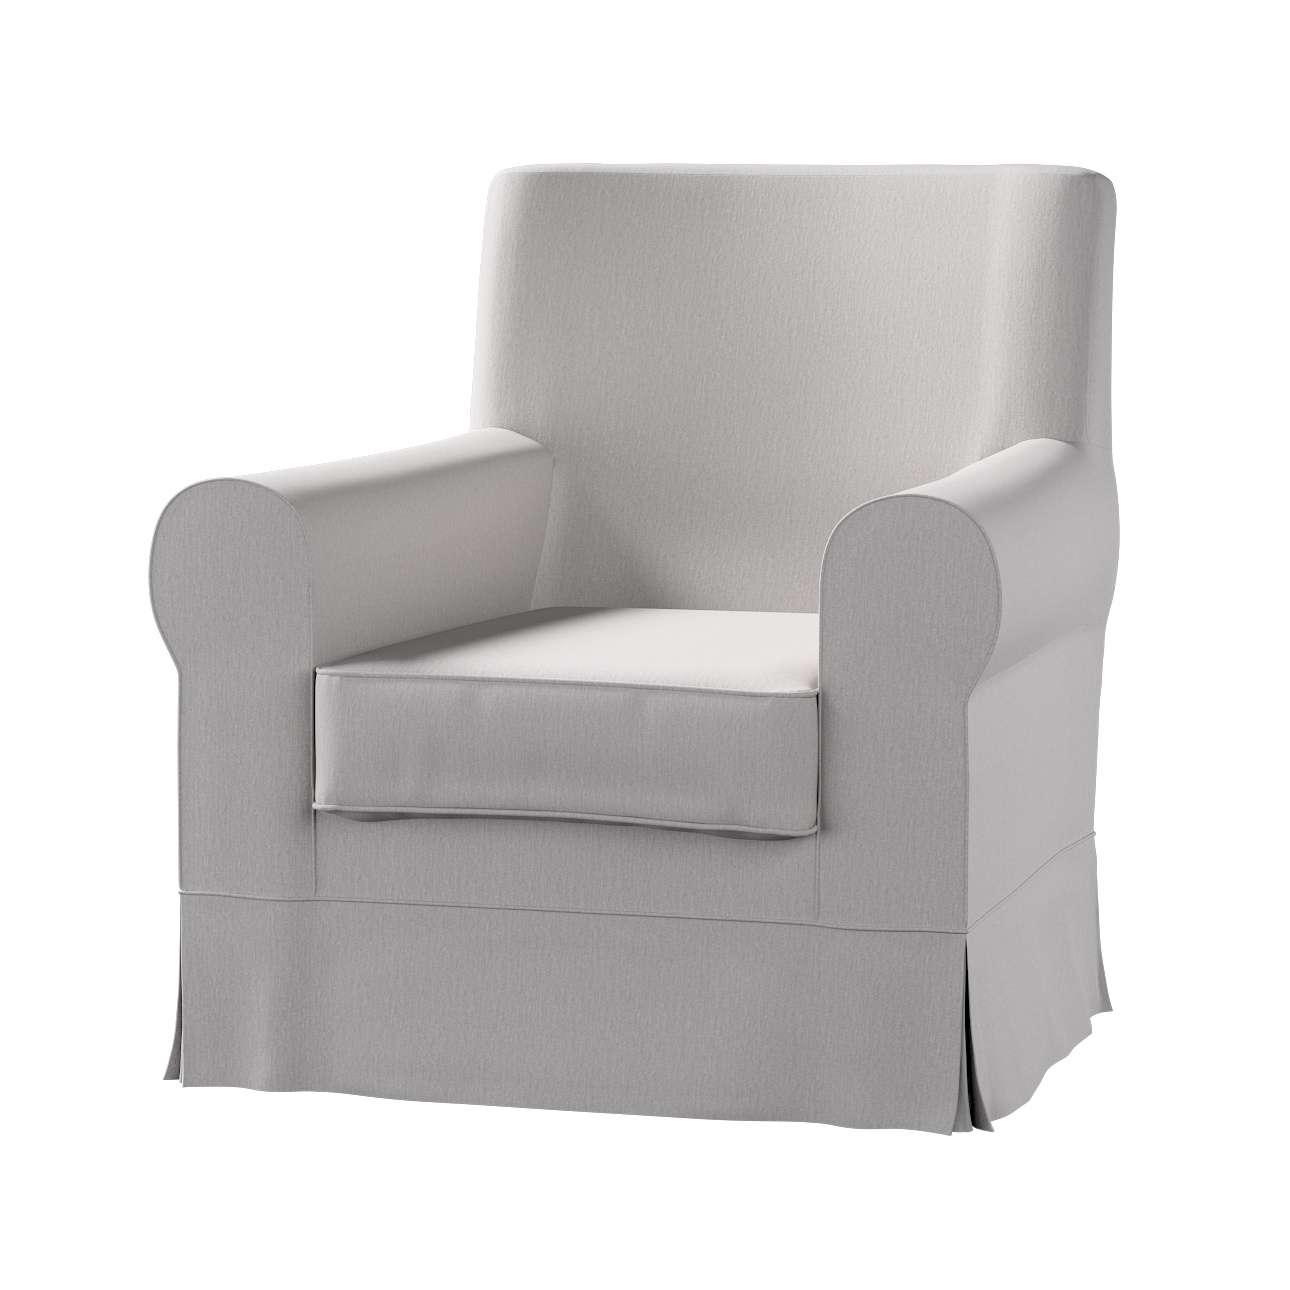 EKTORP JENNYLUND fotelio užvalkalas Ektorp Jennylund fotelio užvalkalas kolekcijoje Chenille, audinys: 702-23